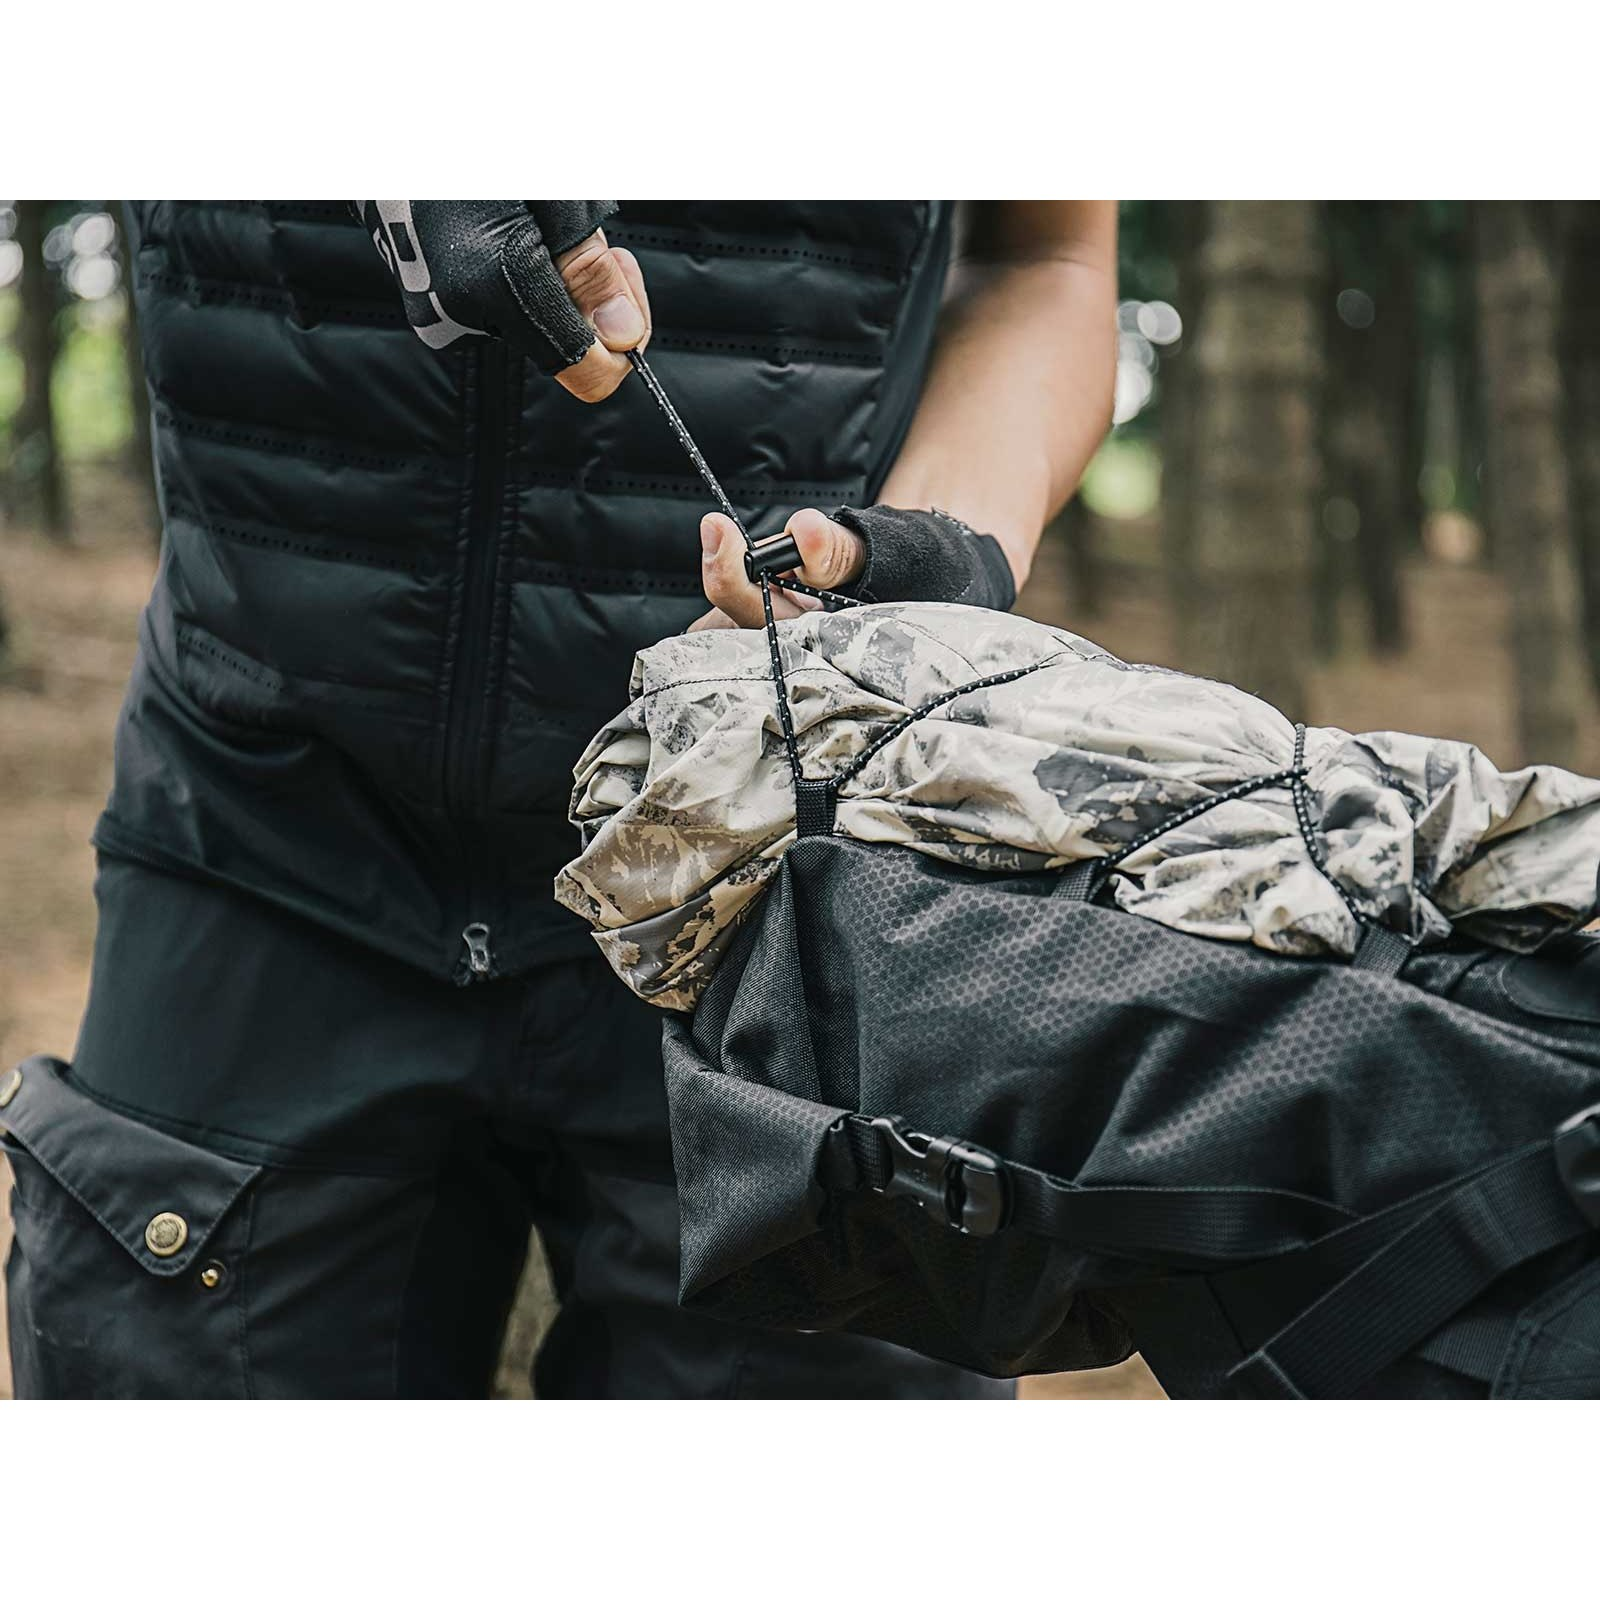 Image of Topeak BackLoader Saddle Bag - green